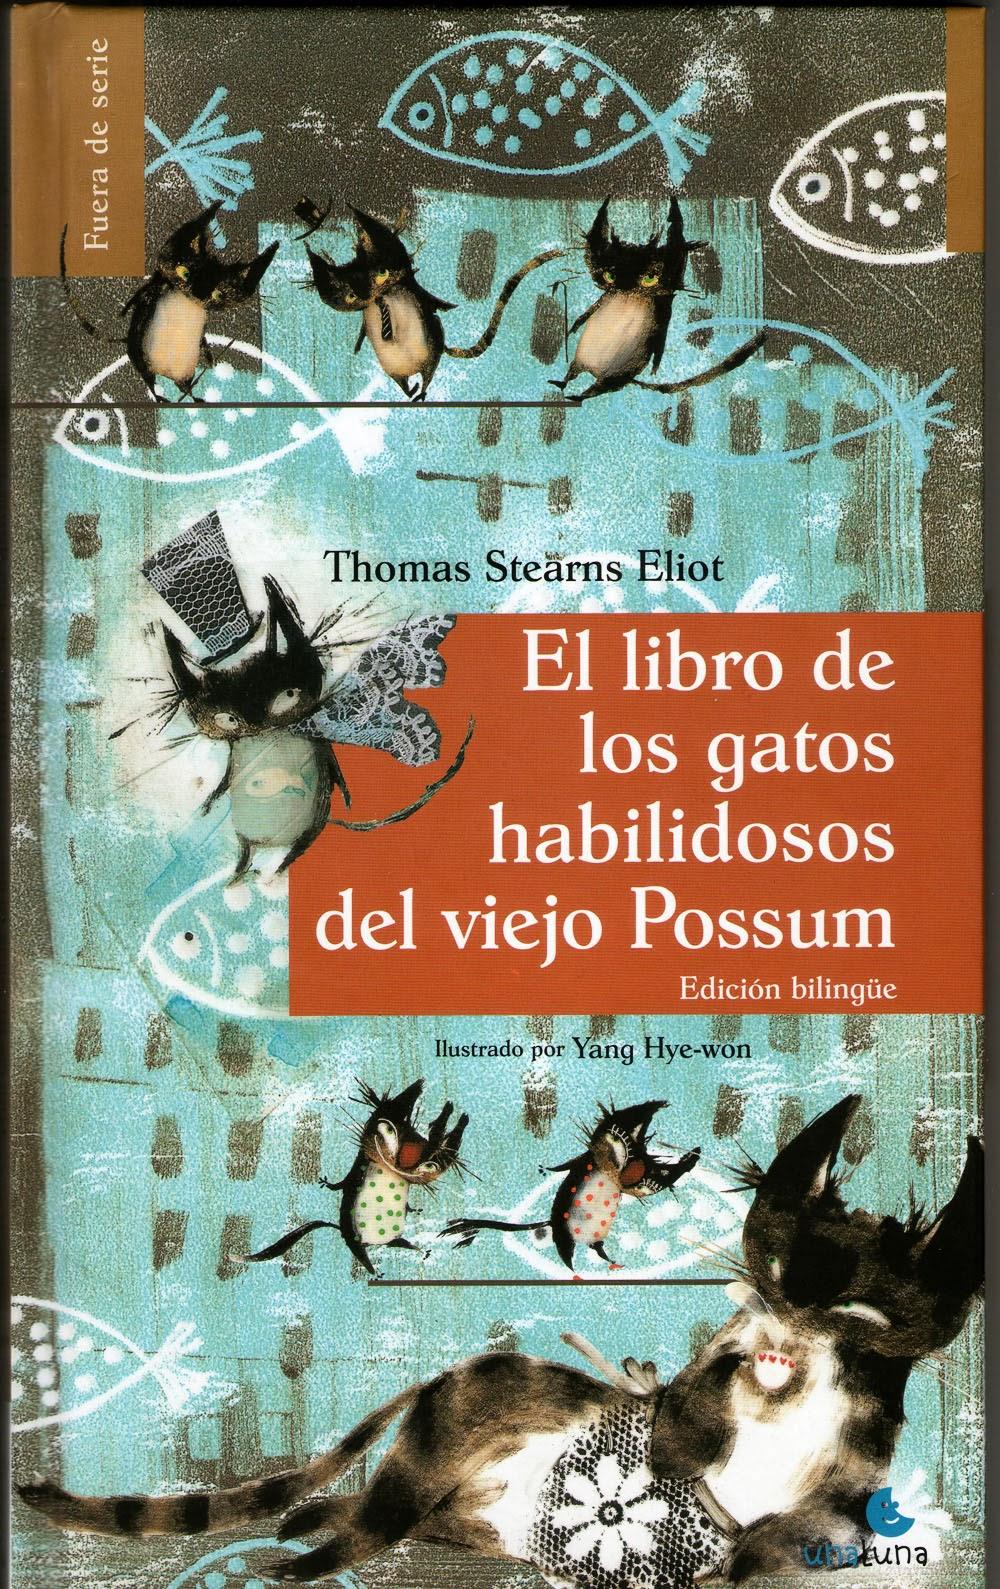 Literatura felina: 10 libros para conocer mejor el